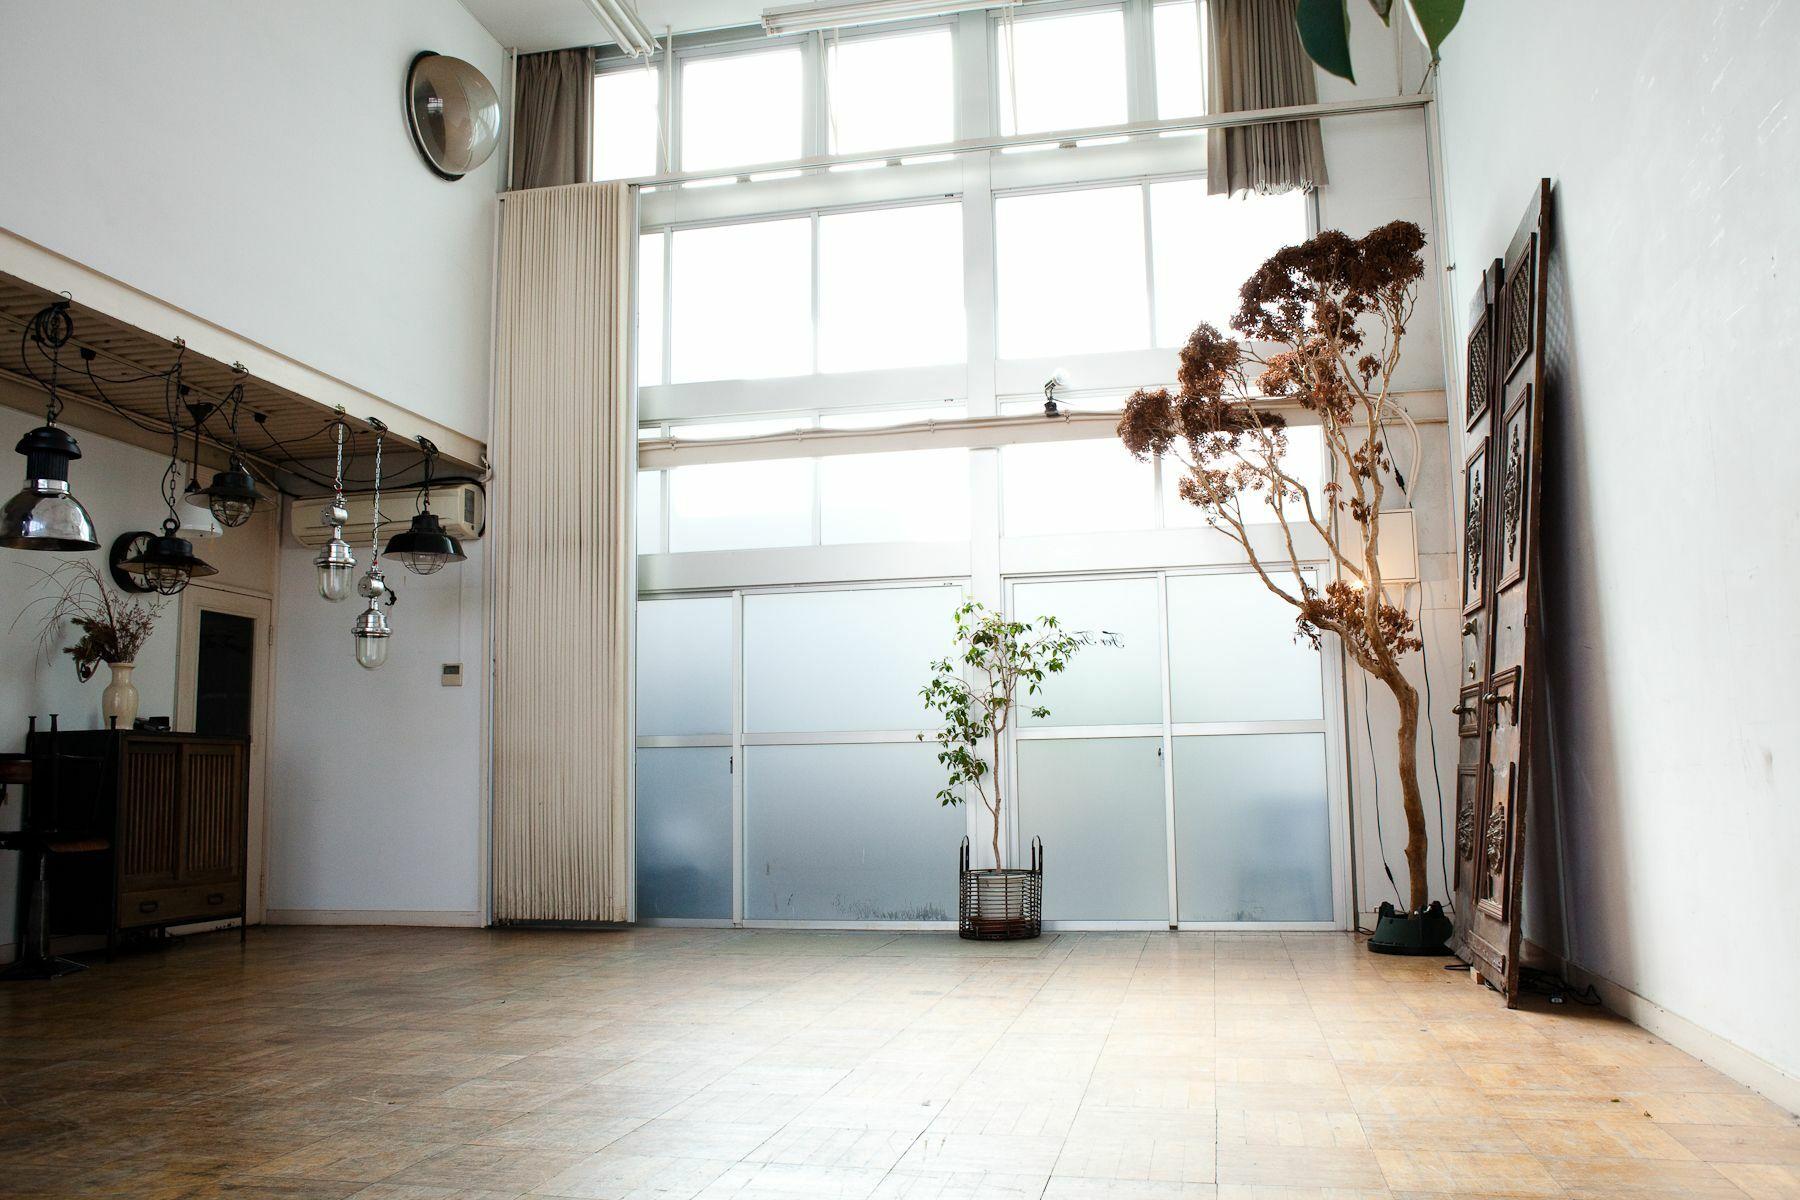 世田谷Atelier(アトリエ)-Studio Licorneマネージメントスペース-家具展示スペース-1